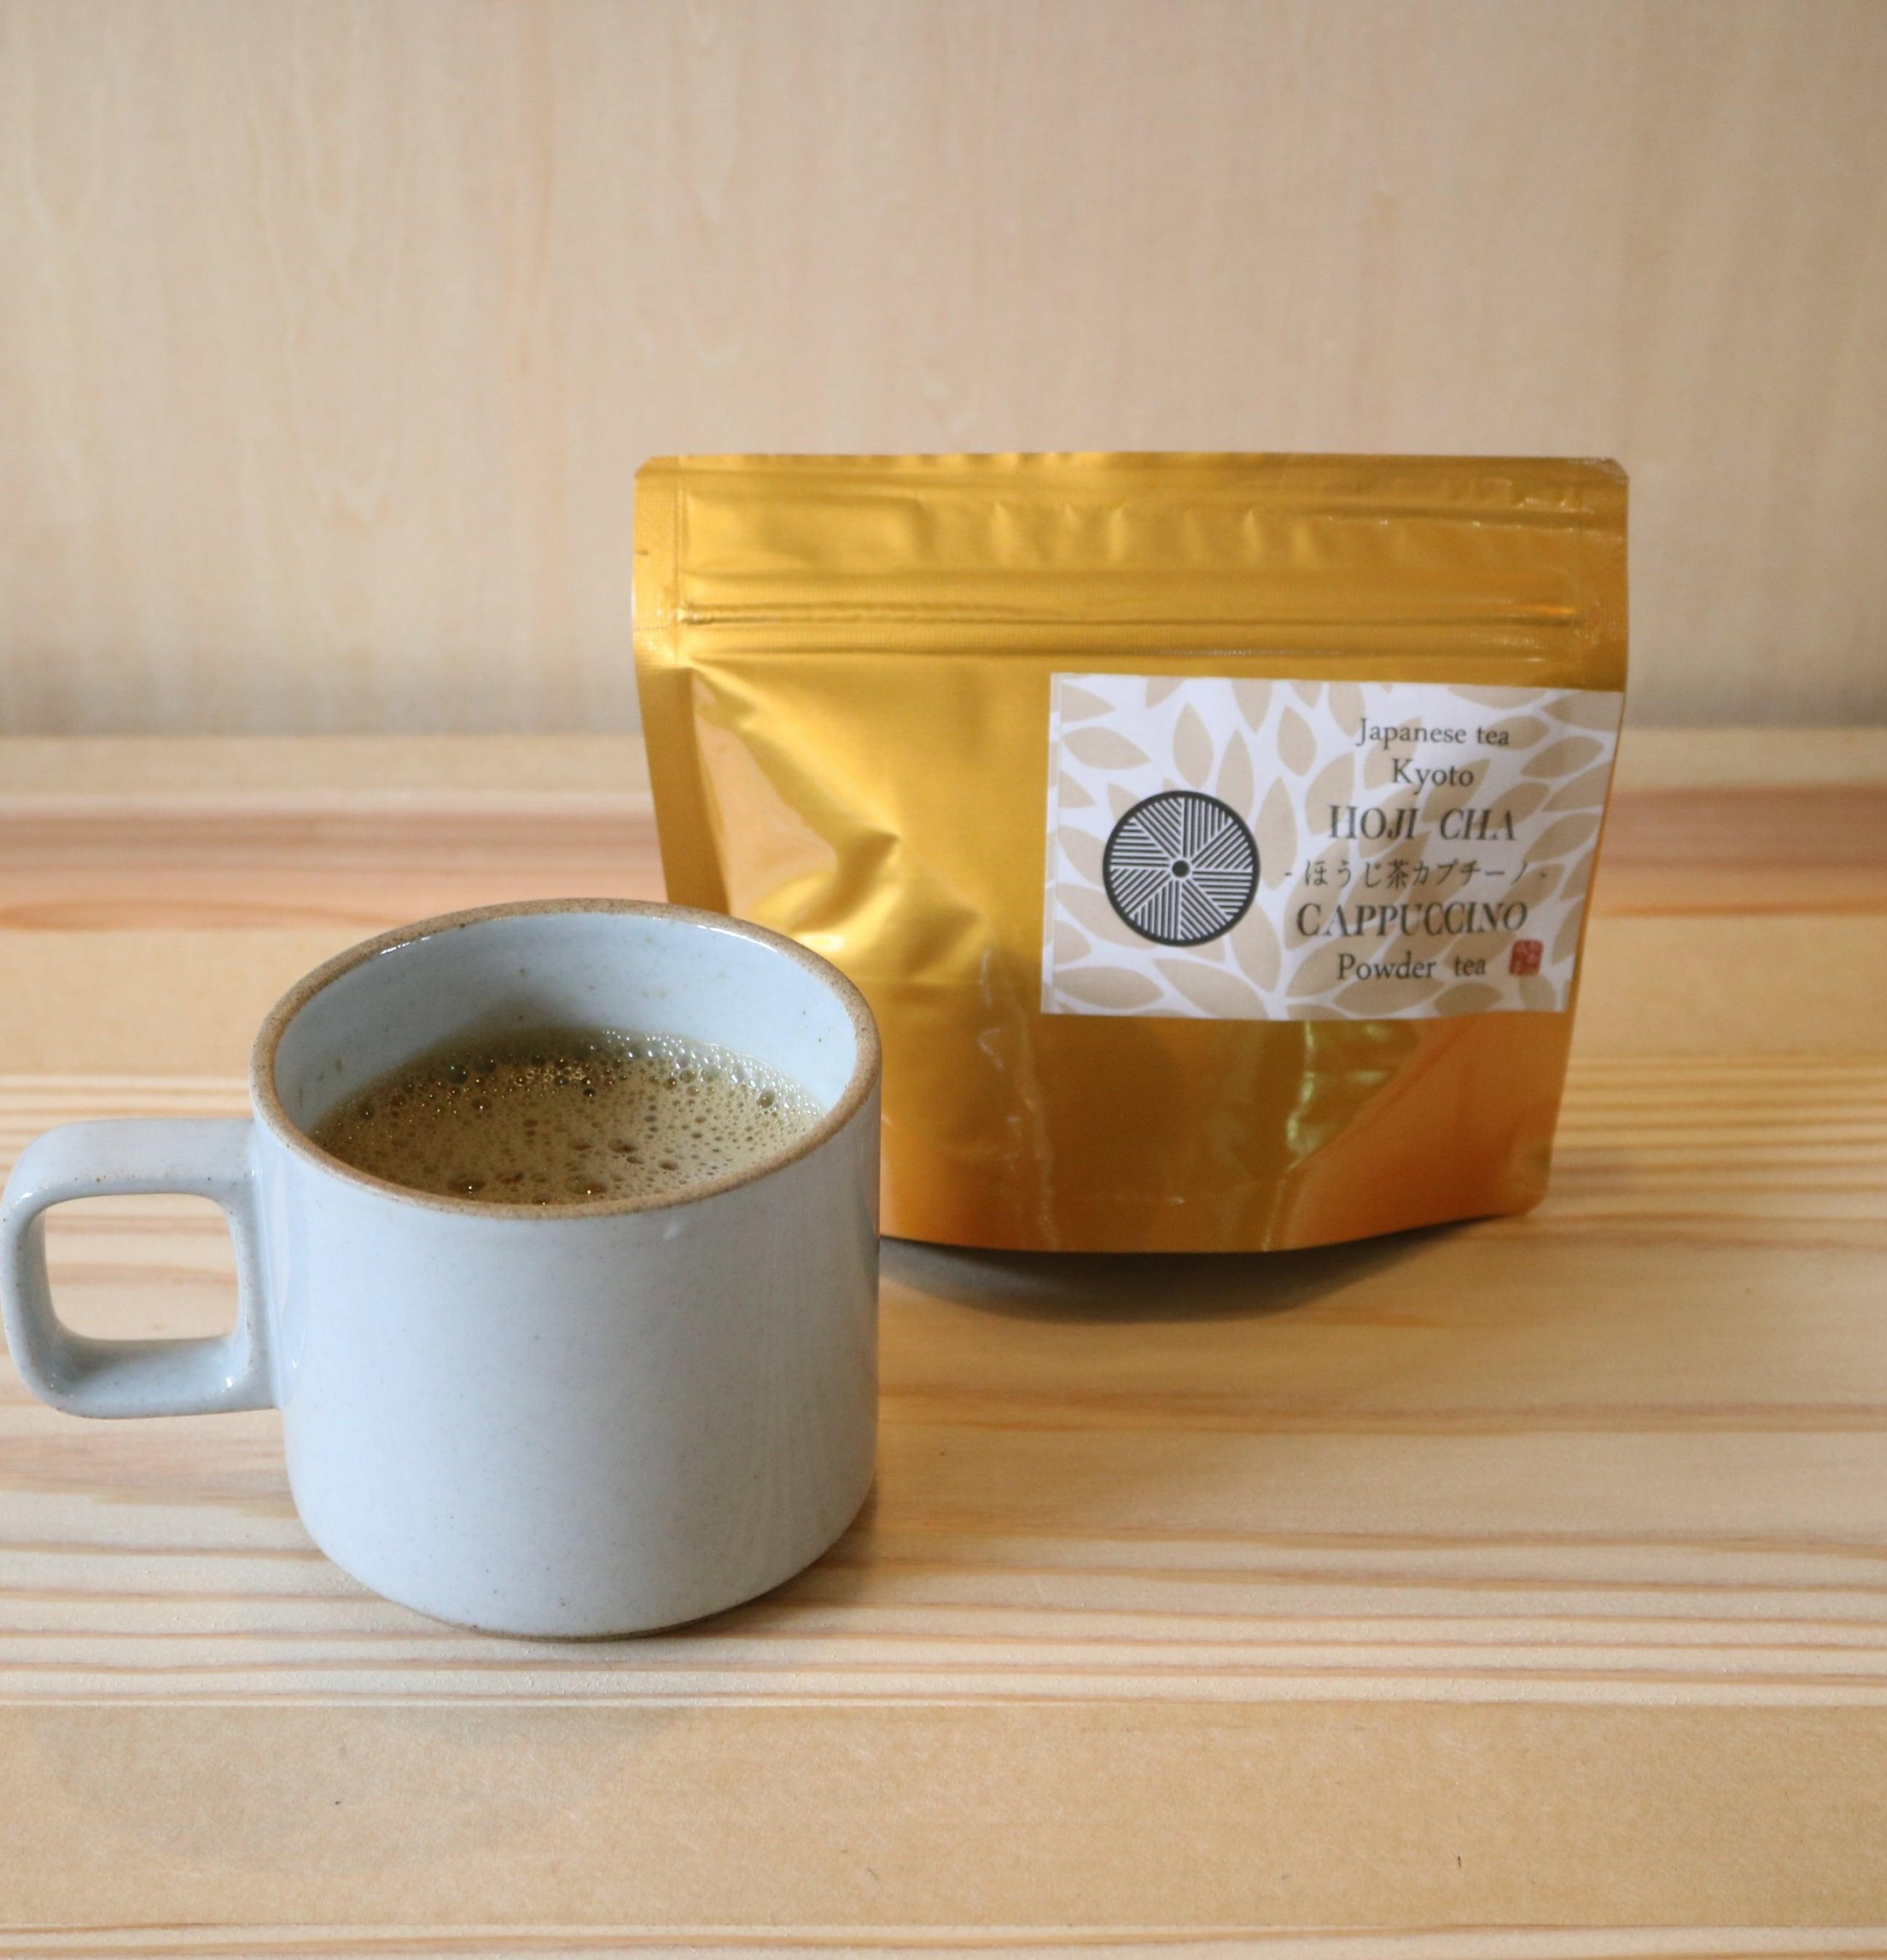 流々亭のほうじ茶カプチーノ【おうちcafe】120g詰